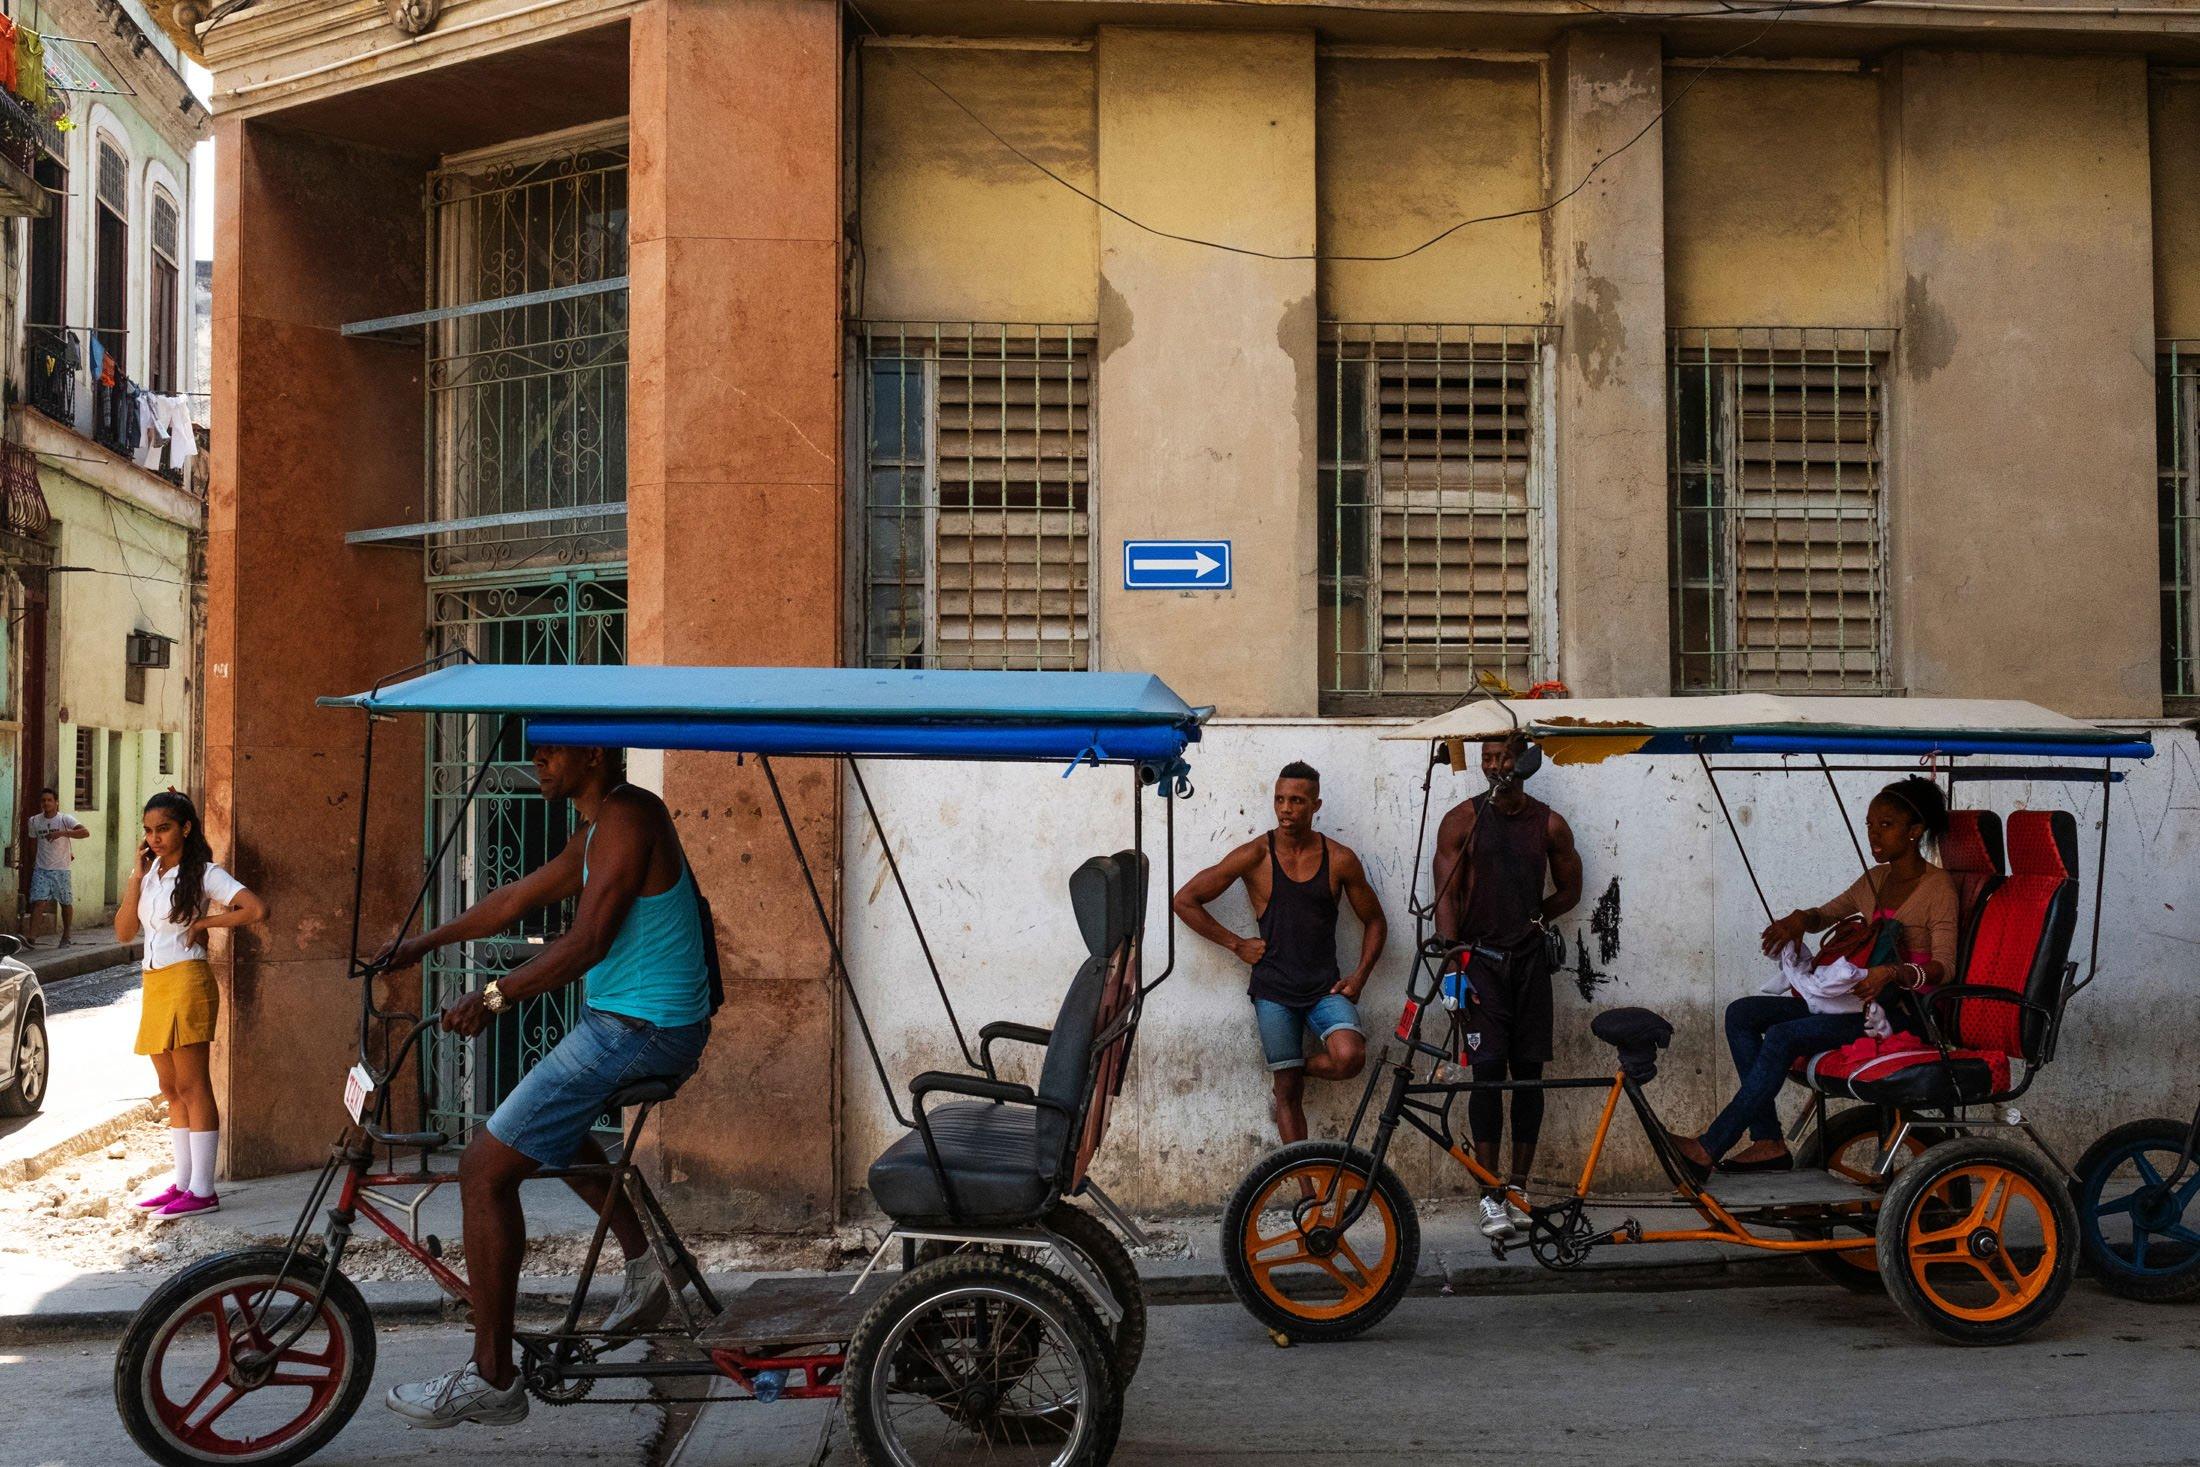 Cuba scene in Havana